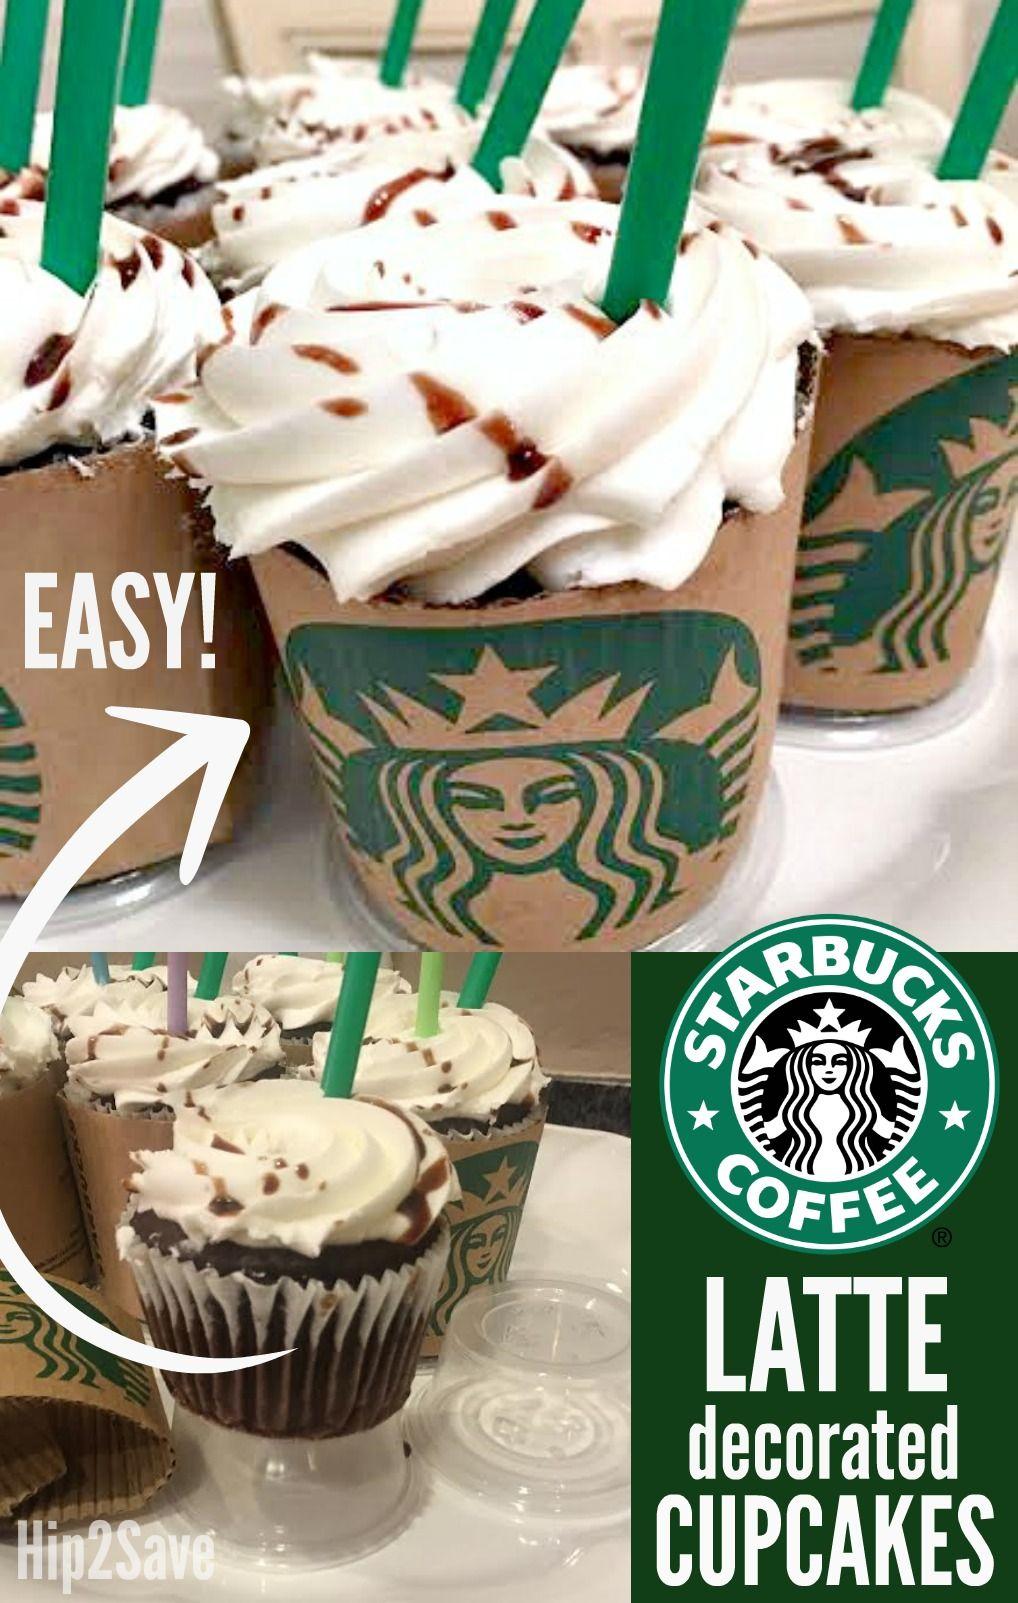 Starbucks Latte Decorated Cupcakes